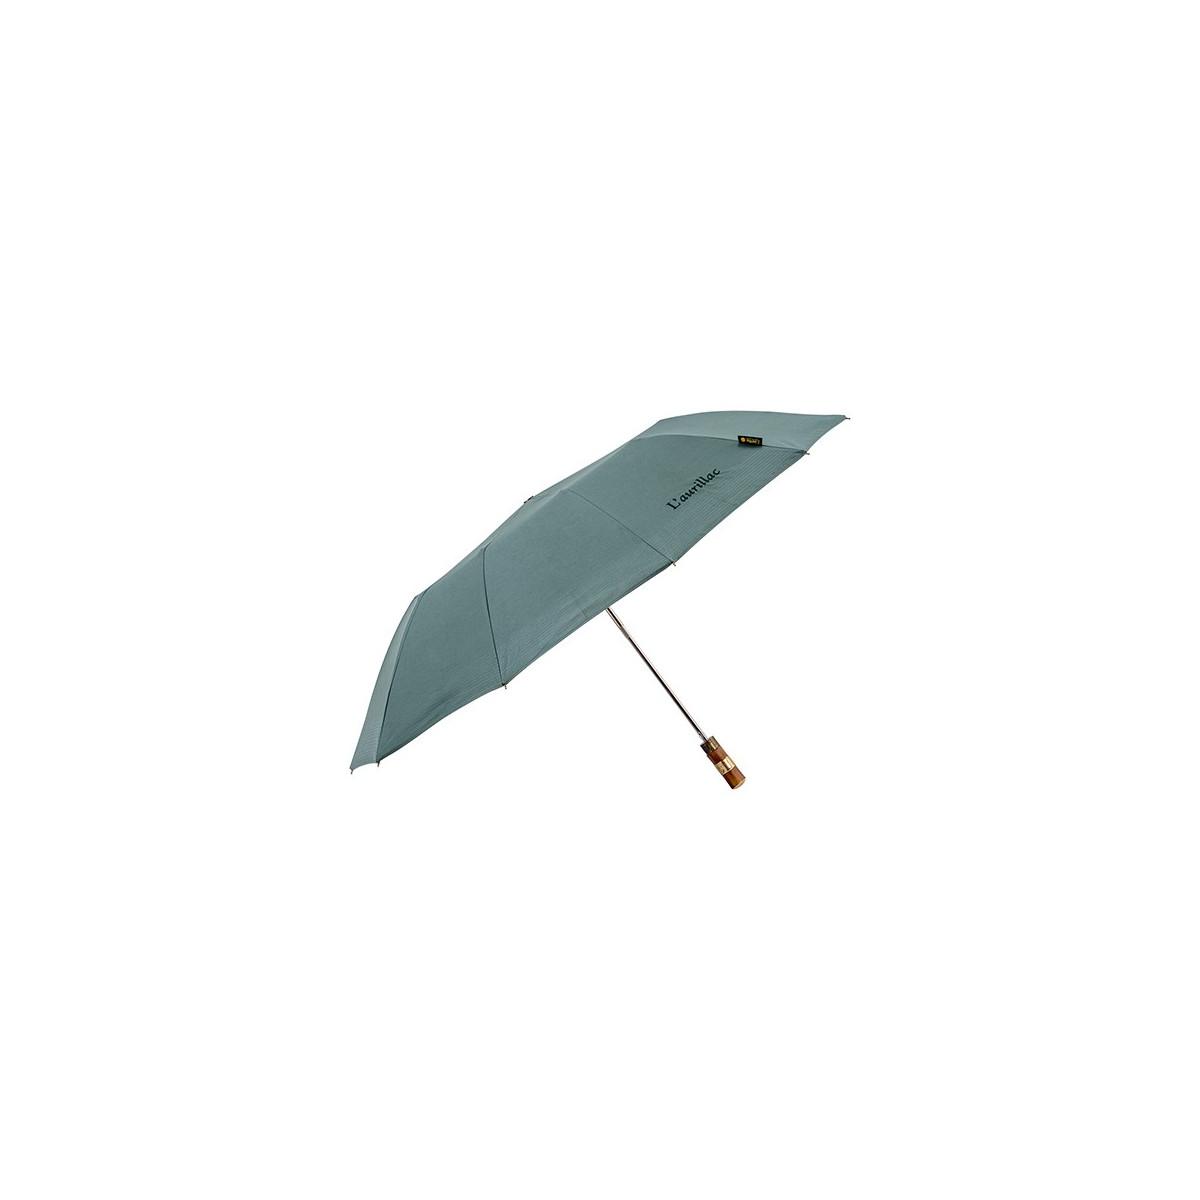 parapluie pliant l 39 aurillac vert maison piganiol made in france. Black Bedroom Furniture Sets. Home Design Ideas